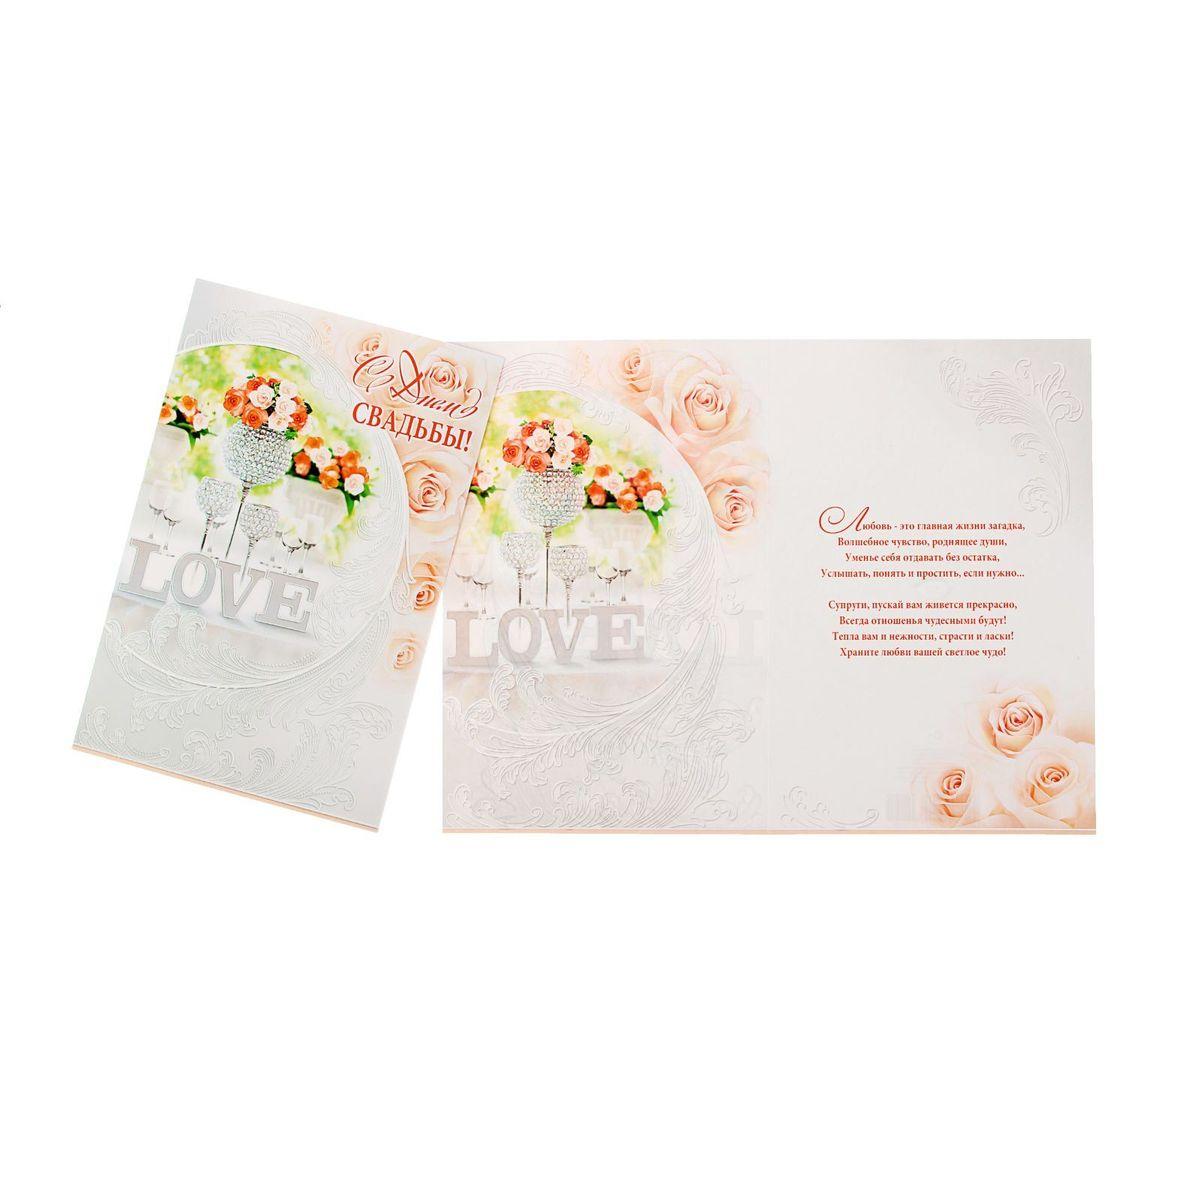 Открытка Мир открыток С Днем свадьбы! Бокалы и розы1214767Если вы хотите порадовать себя или близких, создать праздничное настроение и с улыбкой провести памятный день, то вы, несомненно, сделали правильный выбор! Открытка Мир открыток С Днем свадьбы! Бокалы и розы, выполненная из картона, отличается не только оригинальным дизайном, но и высоким качеством. Лицевая сторона изделия оформлена красивым изображением бокалов с розами. Внутри открытка содержит текст с поздравлением. Такая открытка непременно порадует получателя и станет отличным напоминанием о проведенном вместе времени.